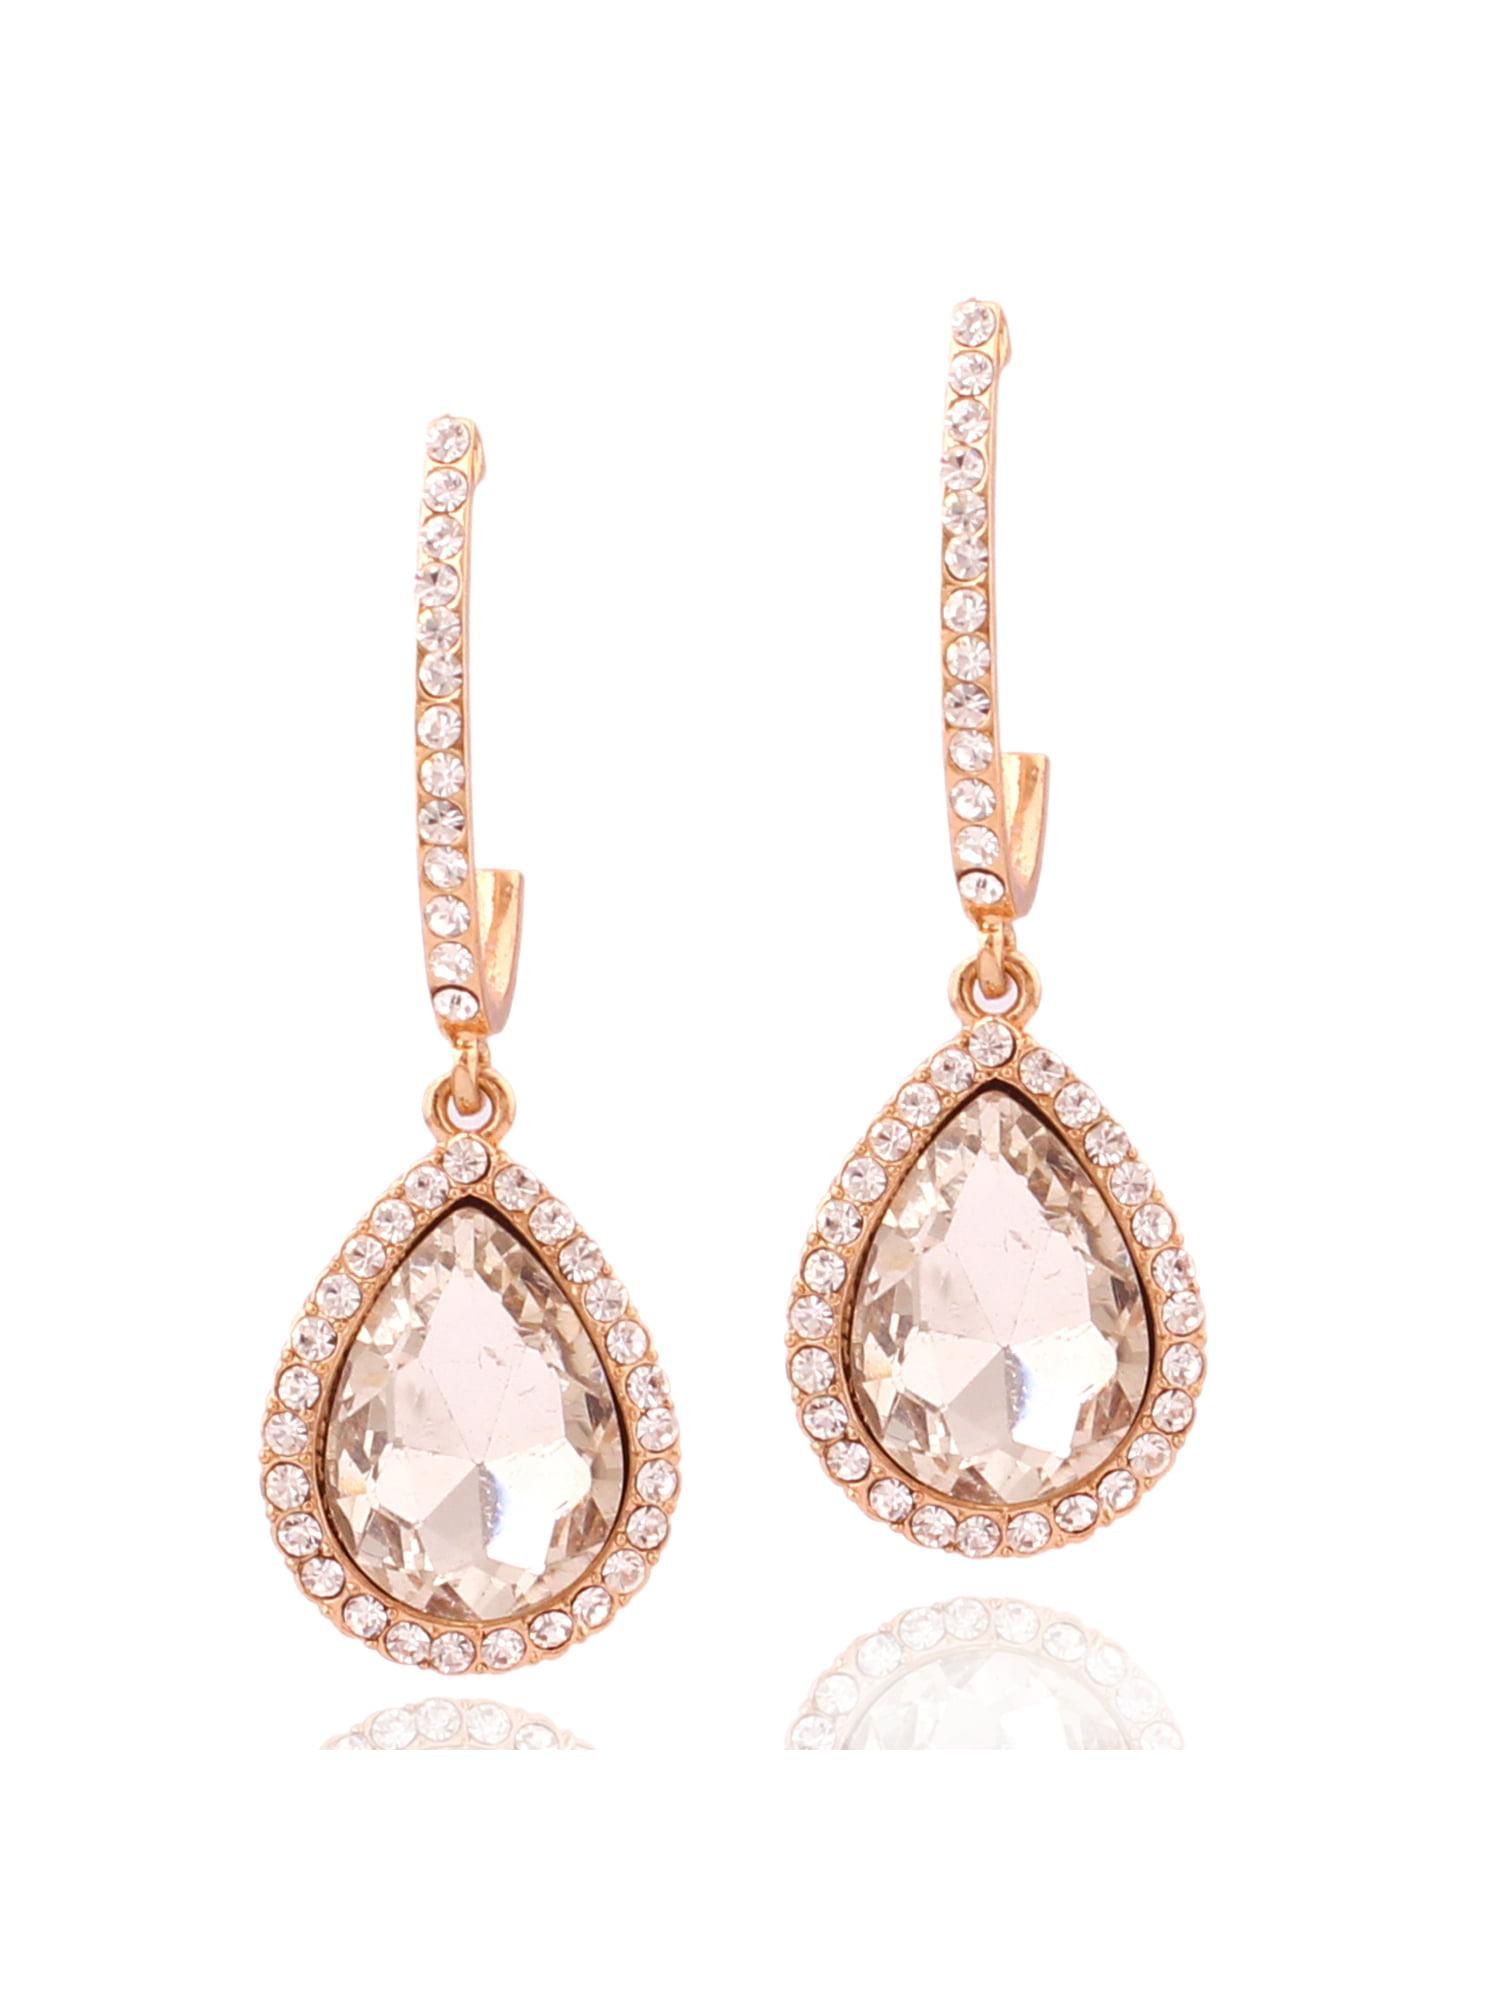 Girls BLISS TOWN 18K Flower Rose Gold Earrings for Women